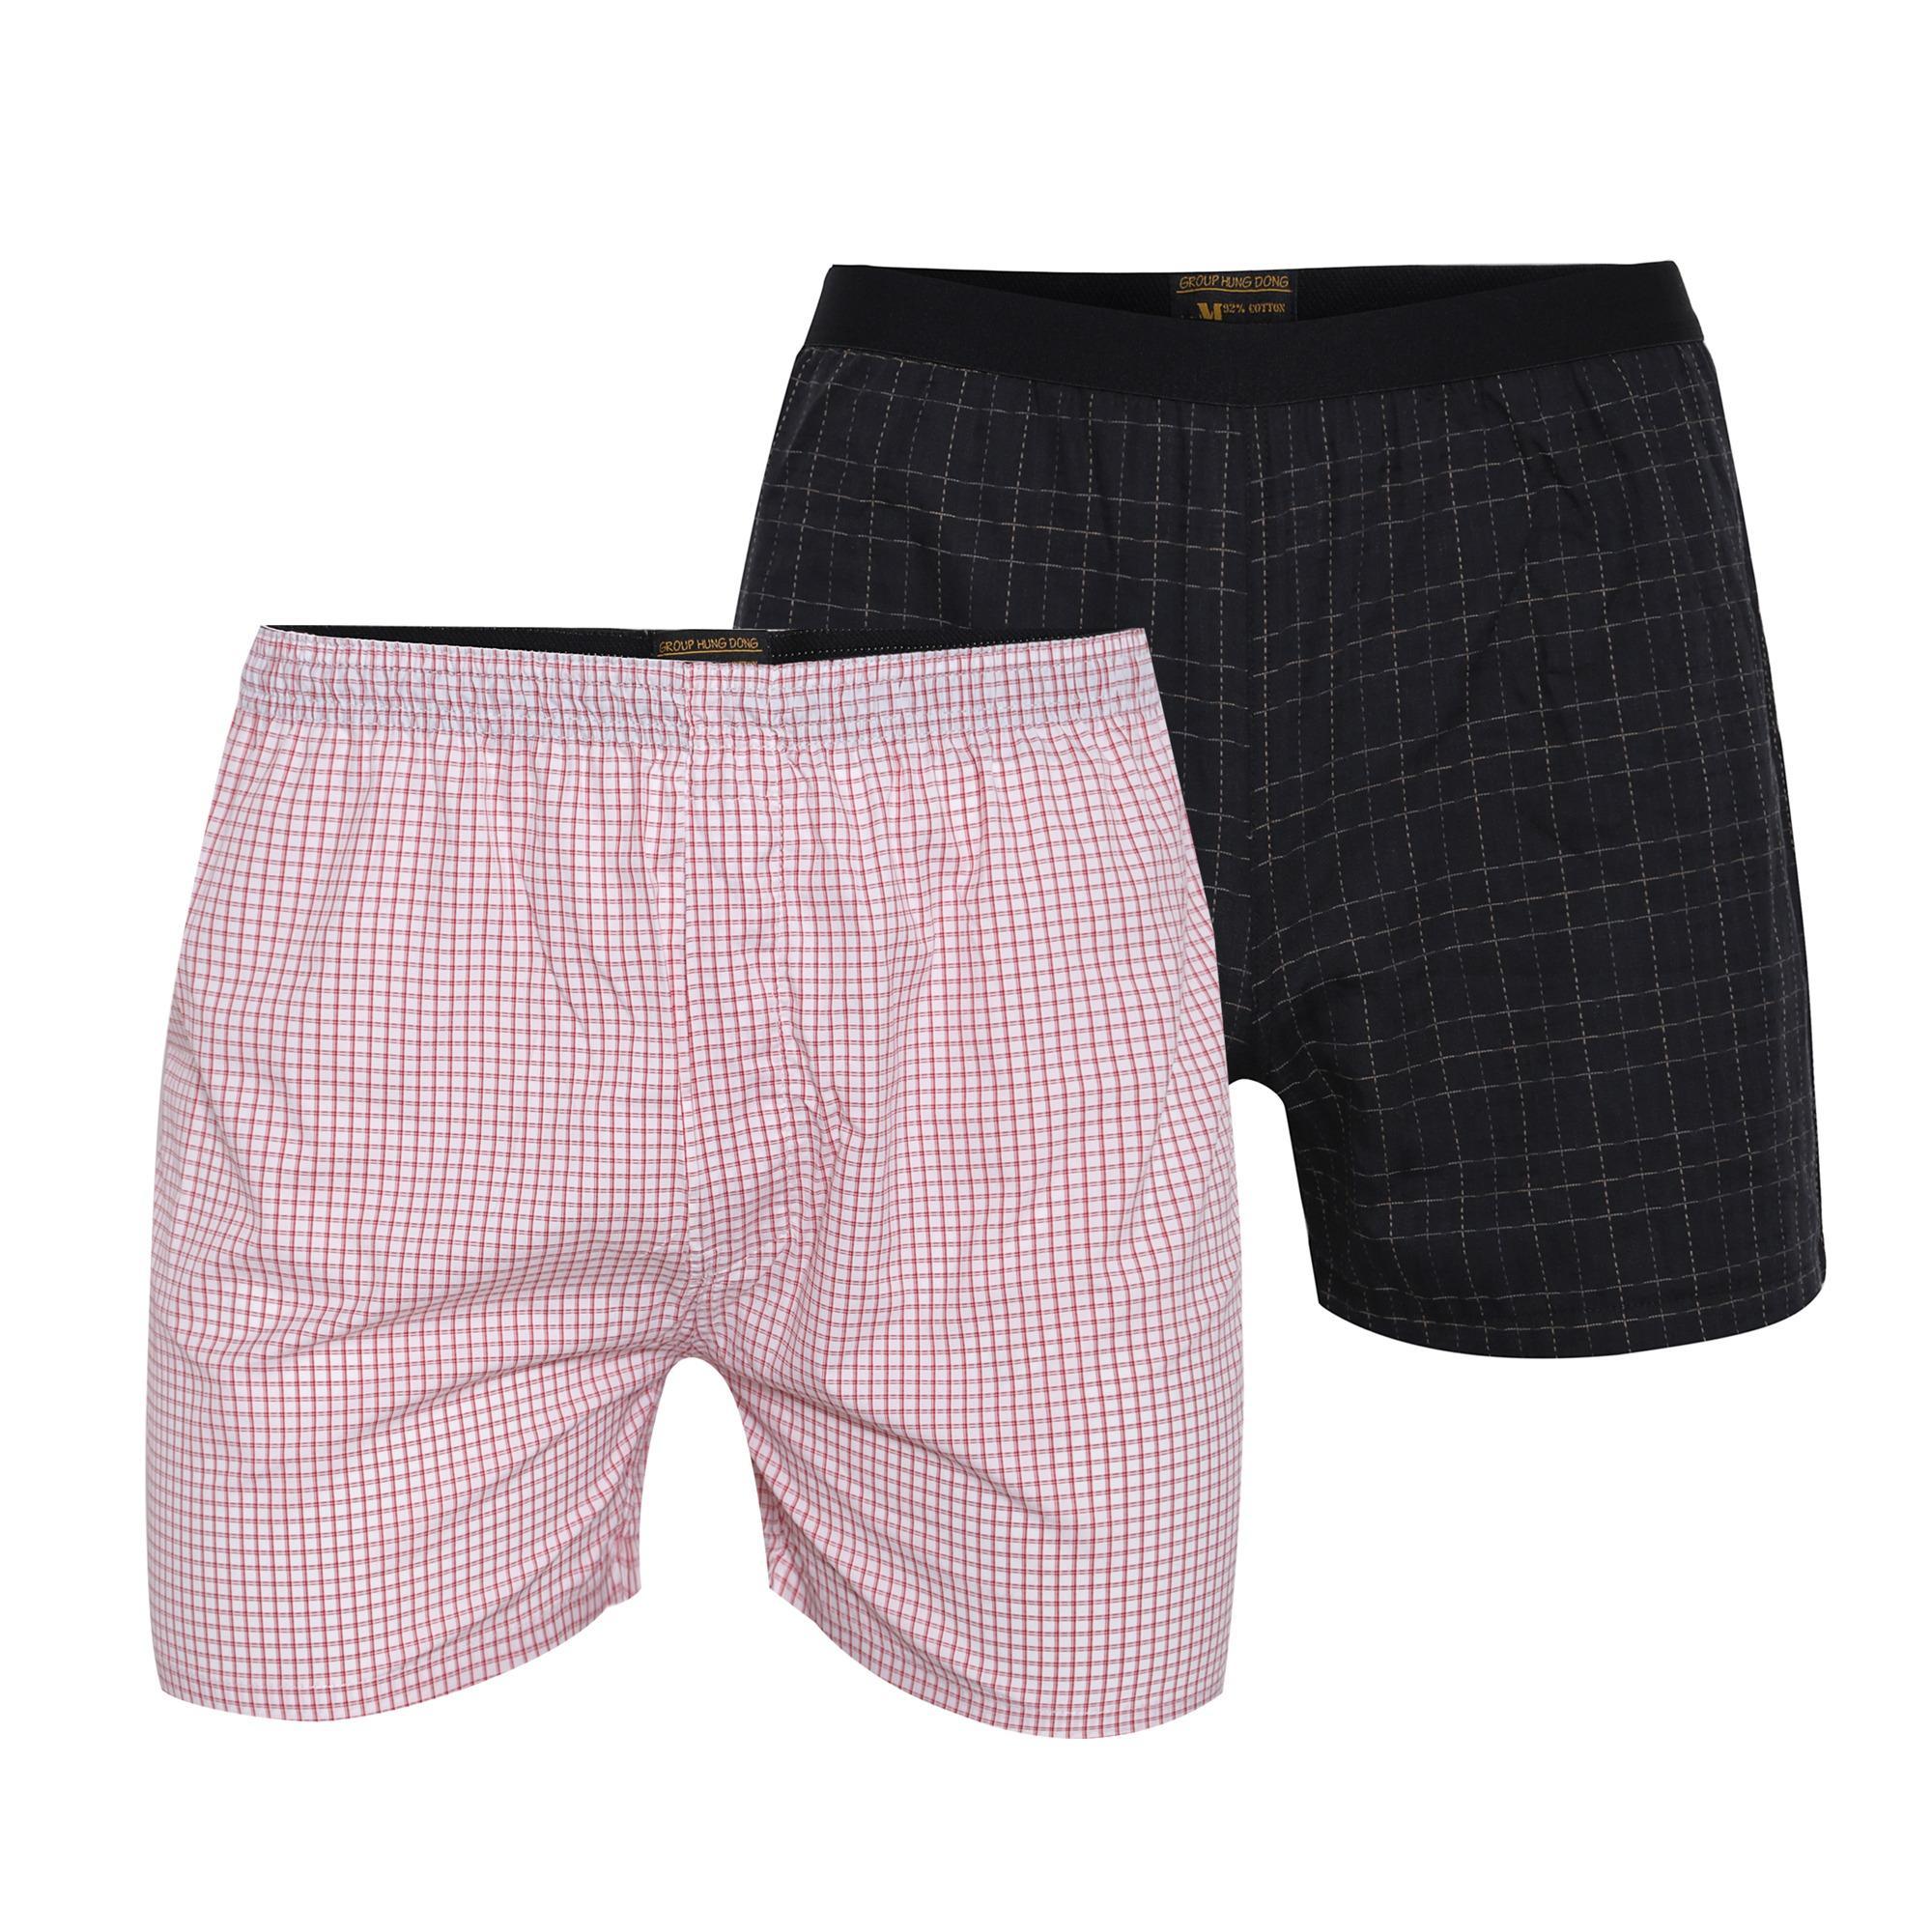 Combo 2 quần đùi mặc nhà cvring qd022 ( đen, hồng)